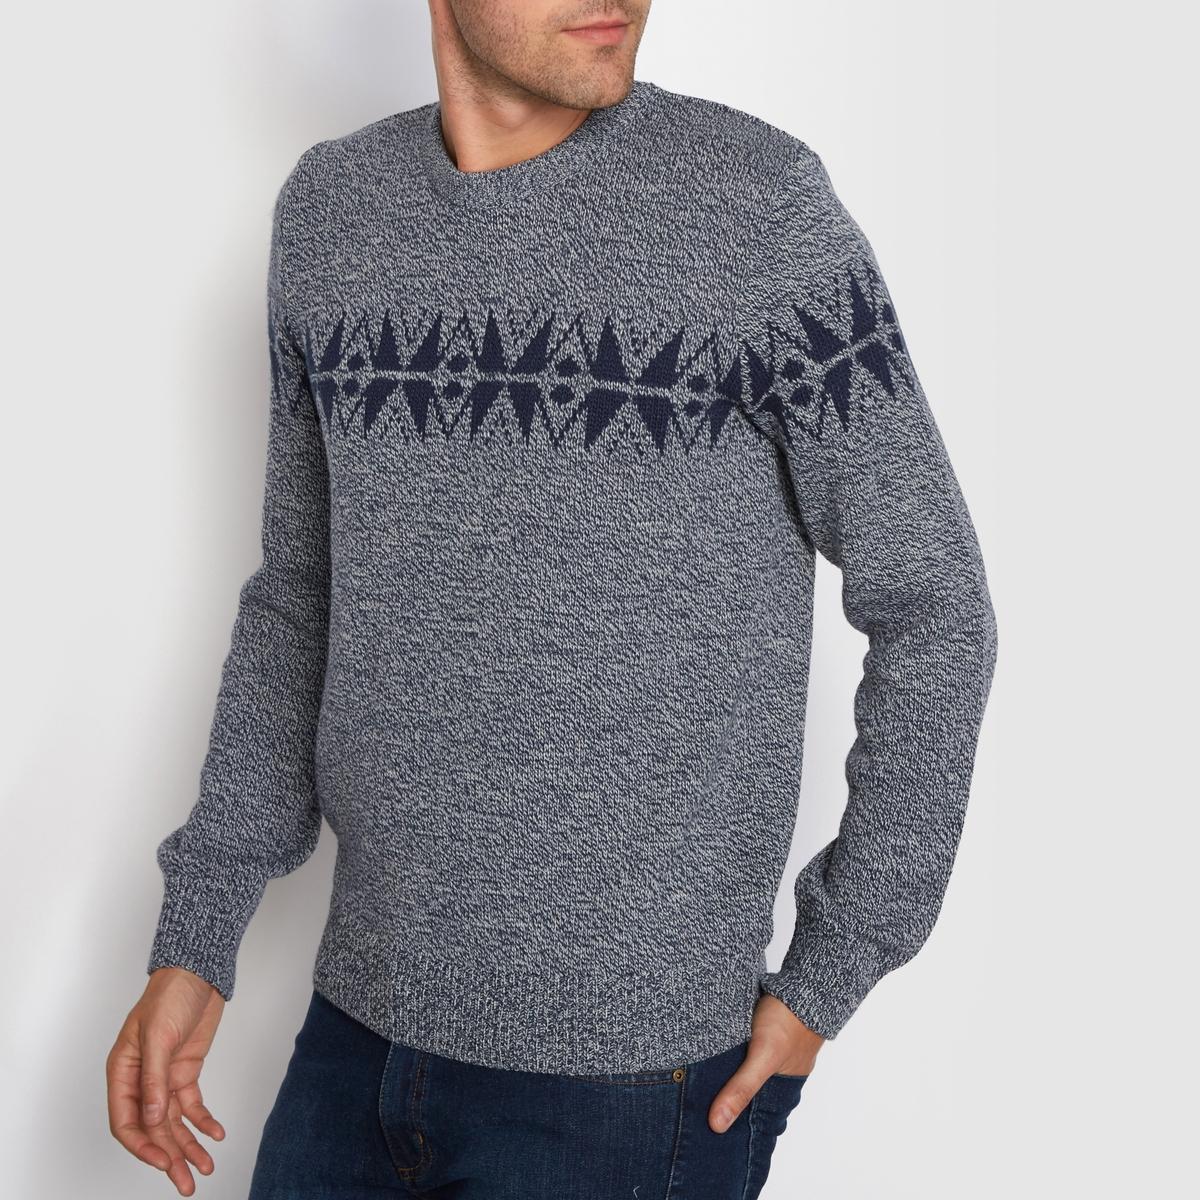 Пуловер с круглым вырезом и жаккардовым рисункомМатериал : 100% акрилаМарка :      R ?ditionКруглый вырез.Жаккардовый рисунок спереди и на спинке.<br><br>Цвет: темно-синий